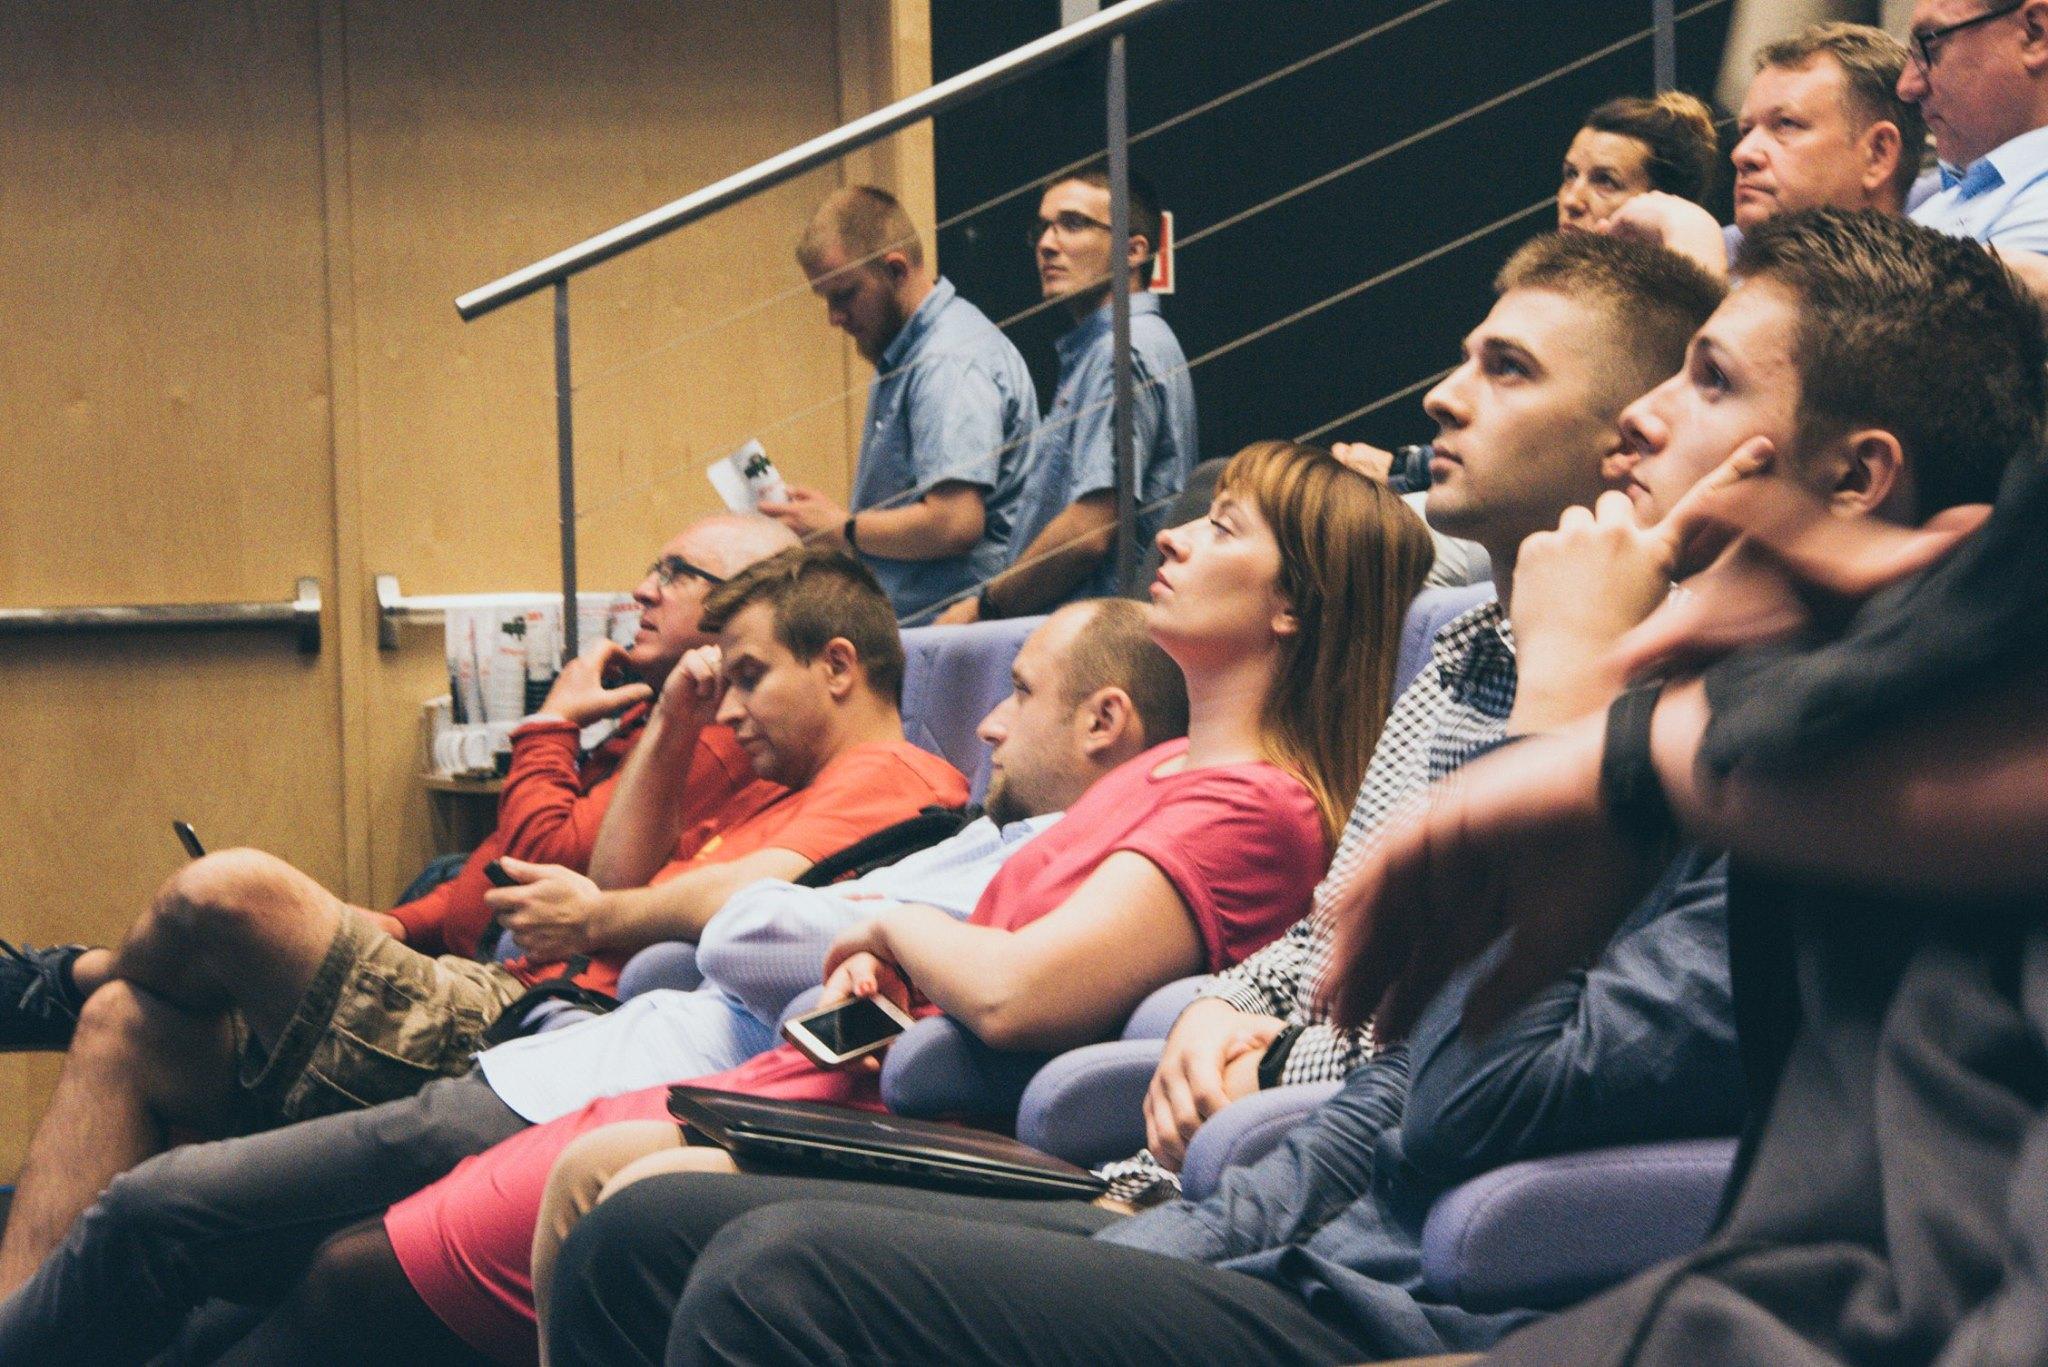 Słuchacze siedzący na auli podczas jednej z prelekcji podczas WordUp Trójmiasto #13